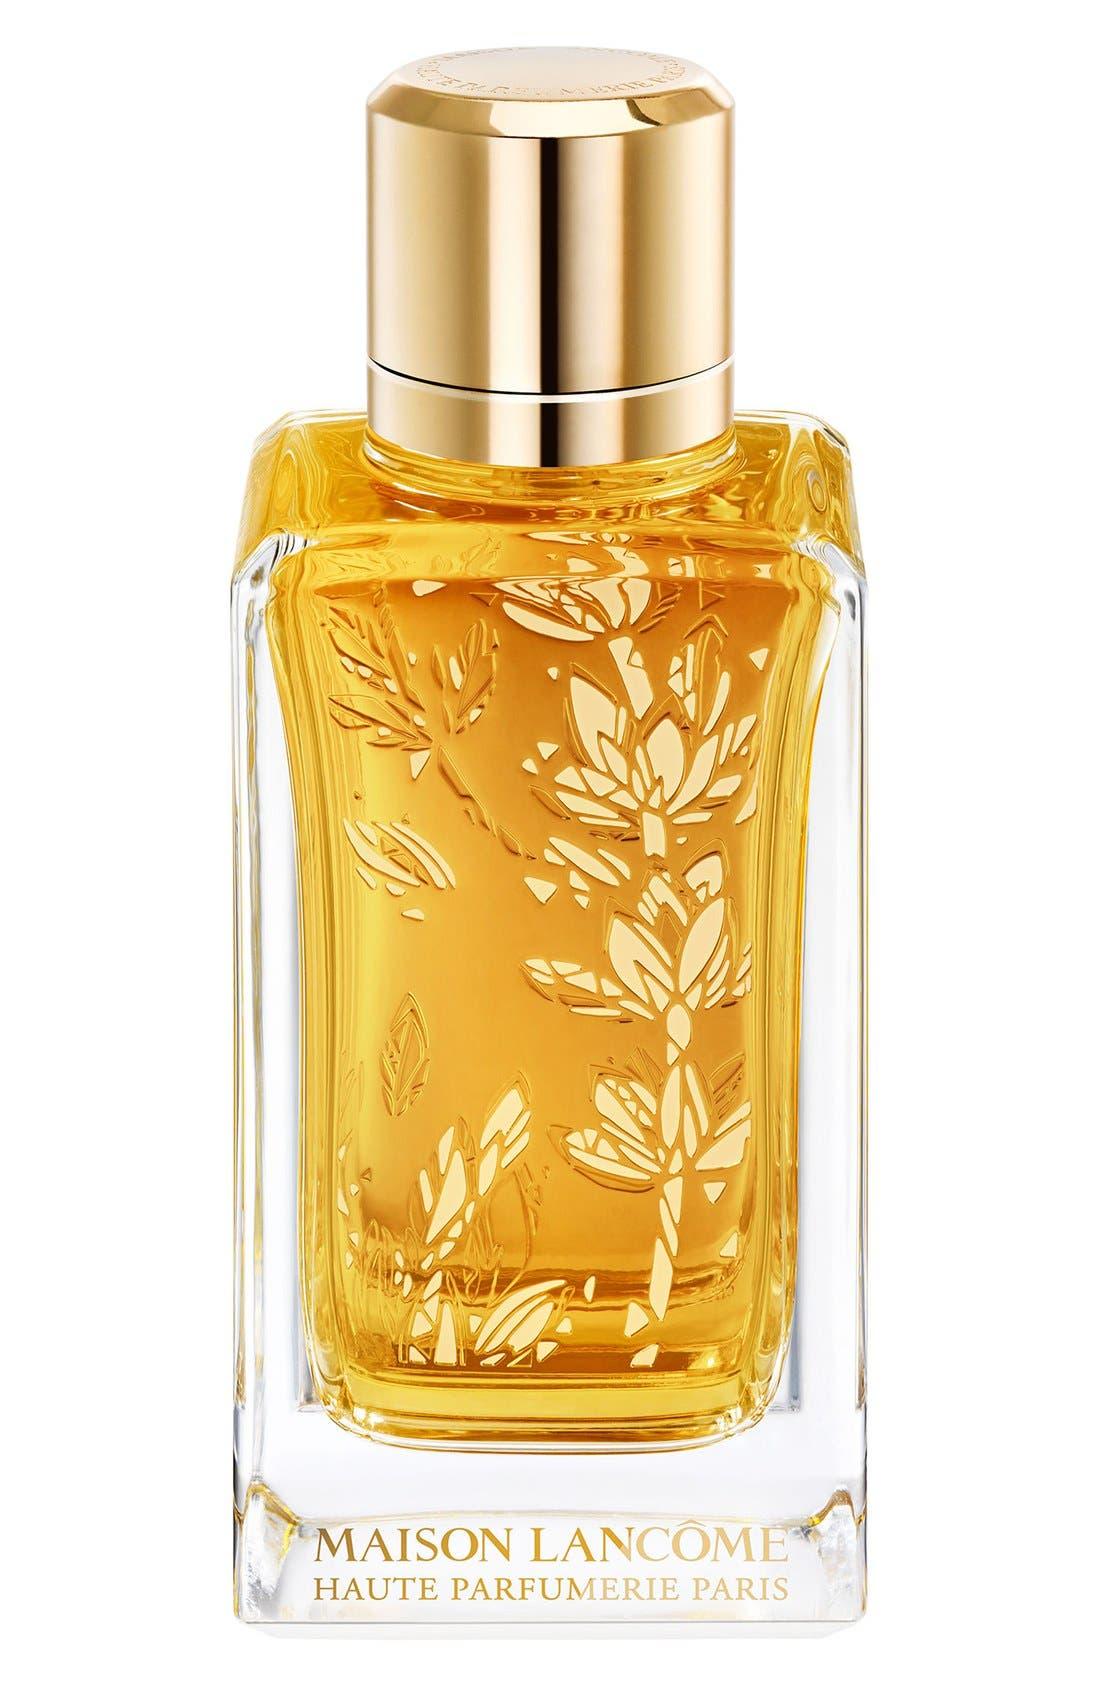 Maison Lancôme - Lavandes Trianon Eau de Parfum,                             Main thumbnail 1, color,